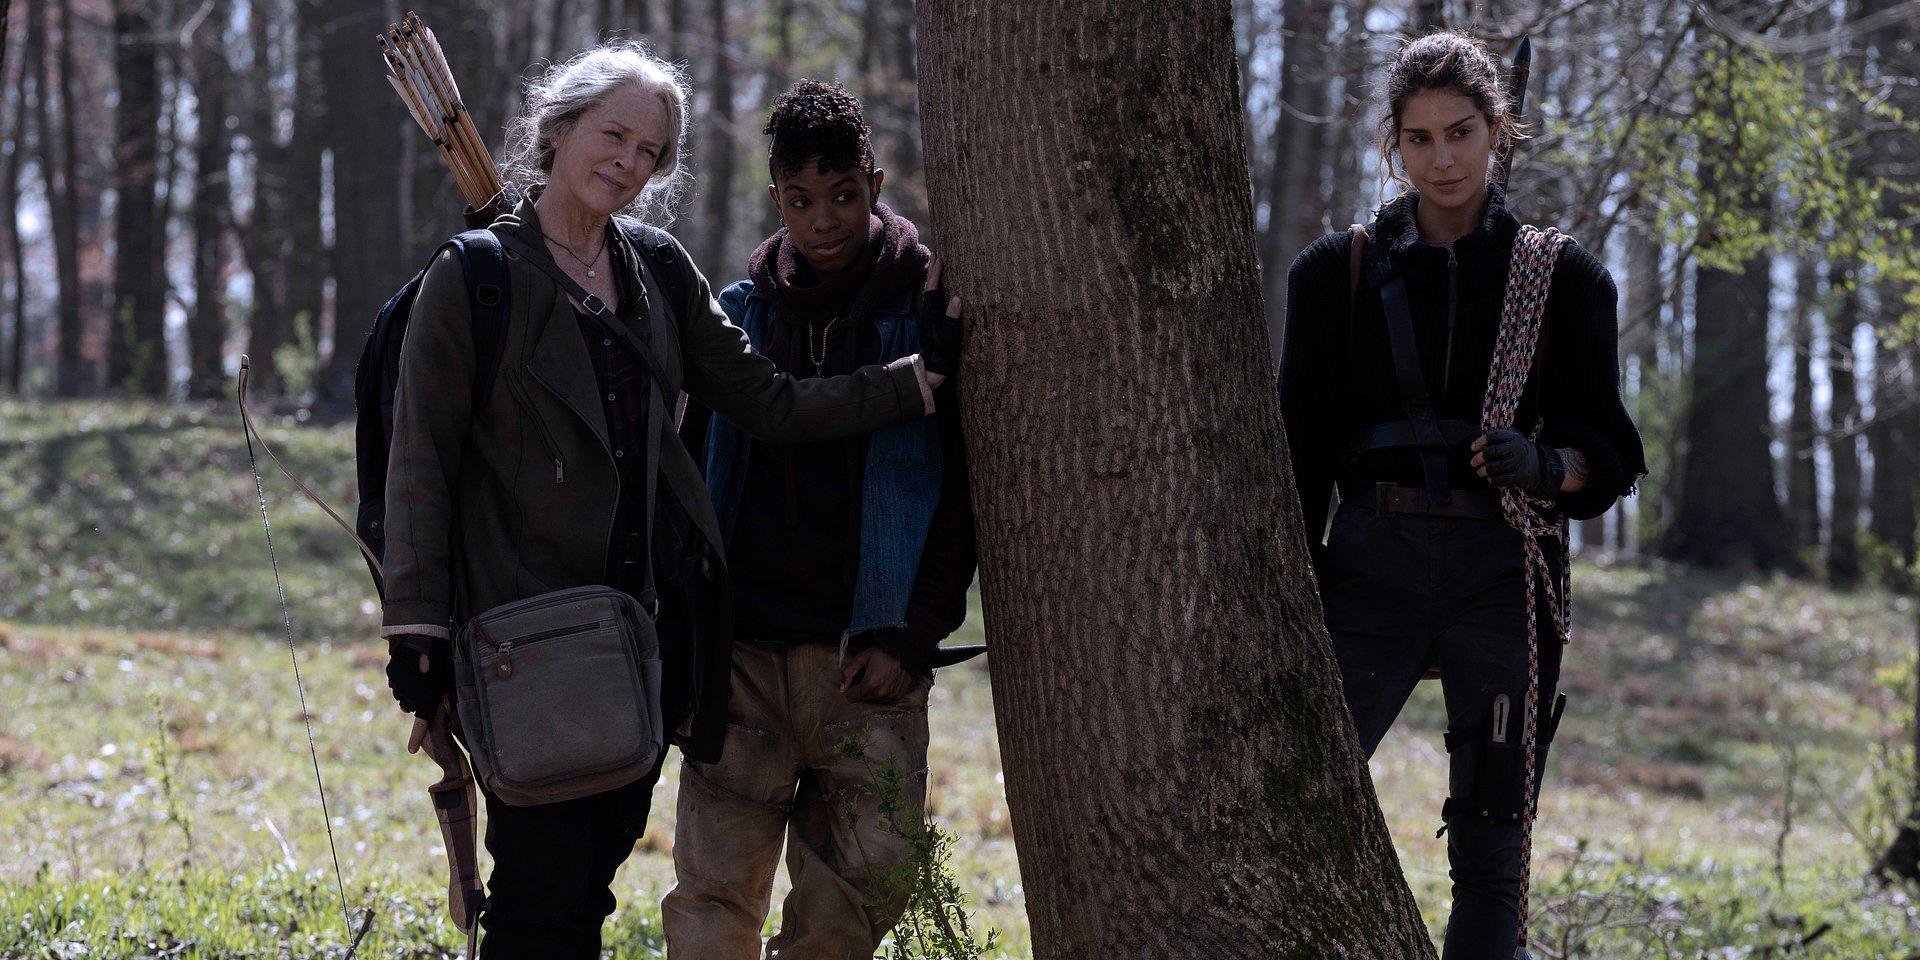 """Ostatni sezon """"The Walking Dead"""" trwa! Premiera drugiej części 11 sezonu już 21 lutego 2022 roku wyłącznie na kanale FOX, dzień po światowej premierze!"""